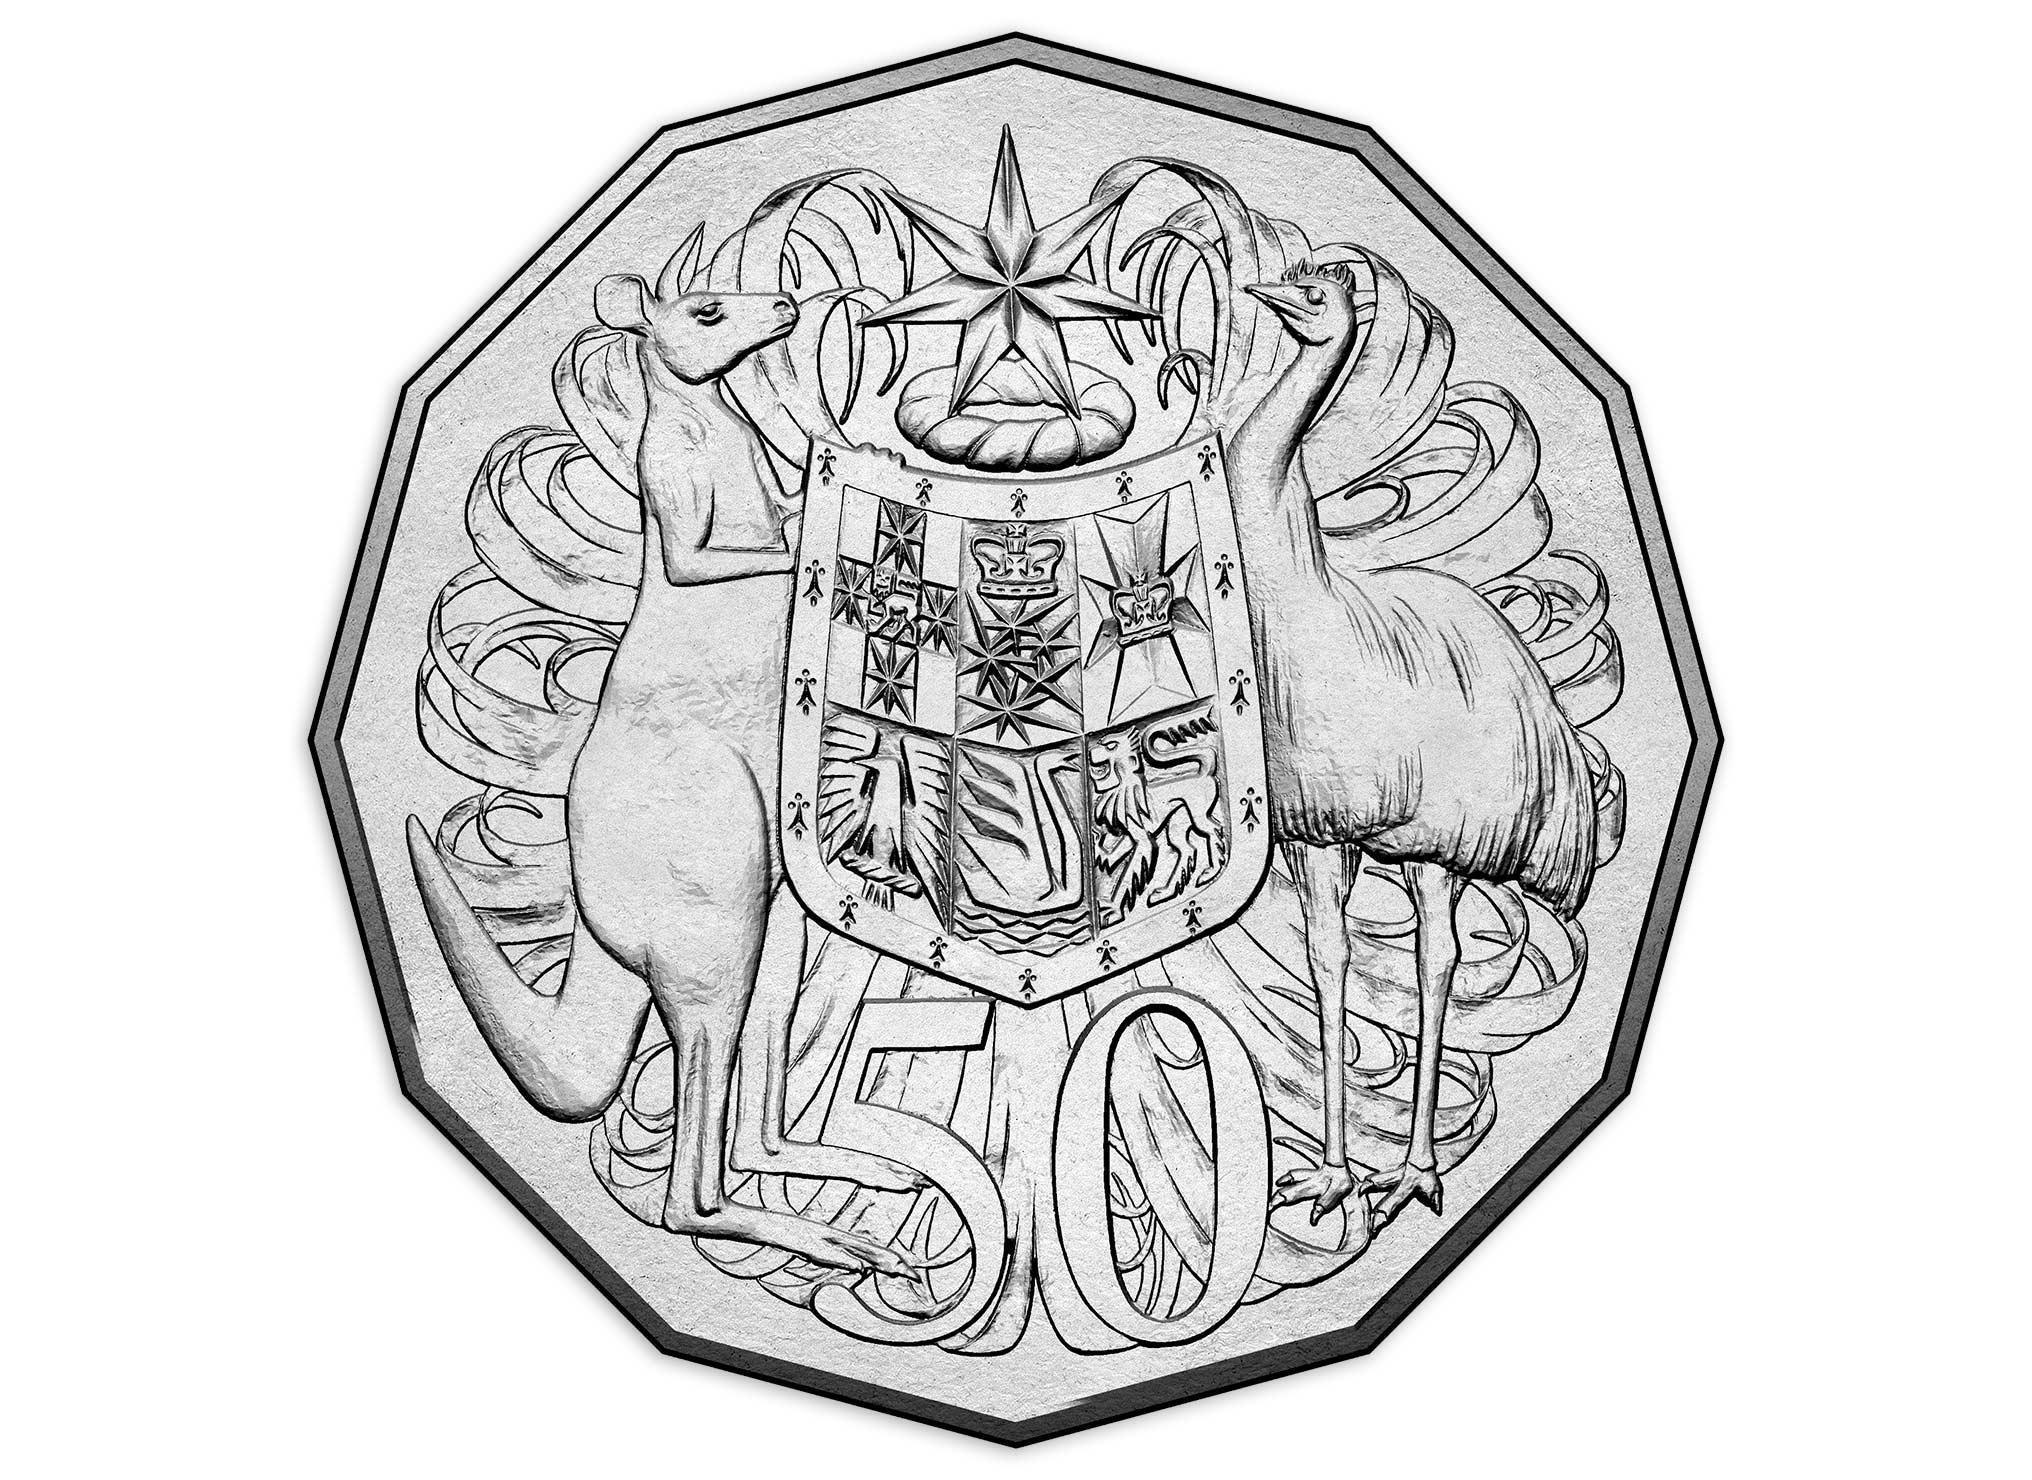 2018 Unc Ram Armistice Centenary 6 Coin Mint Set Blue